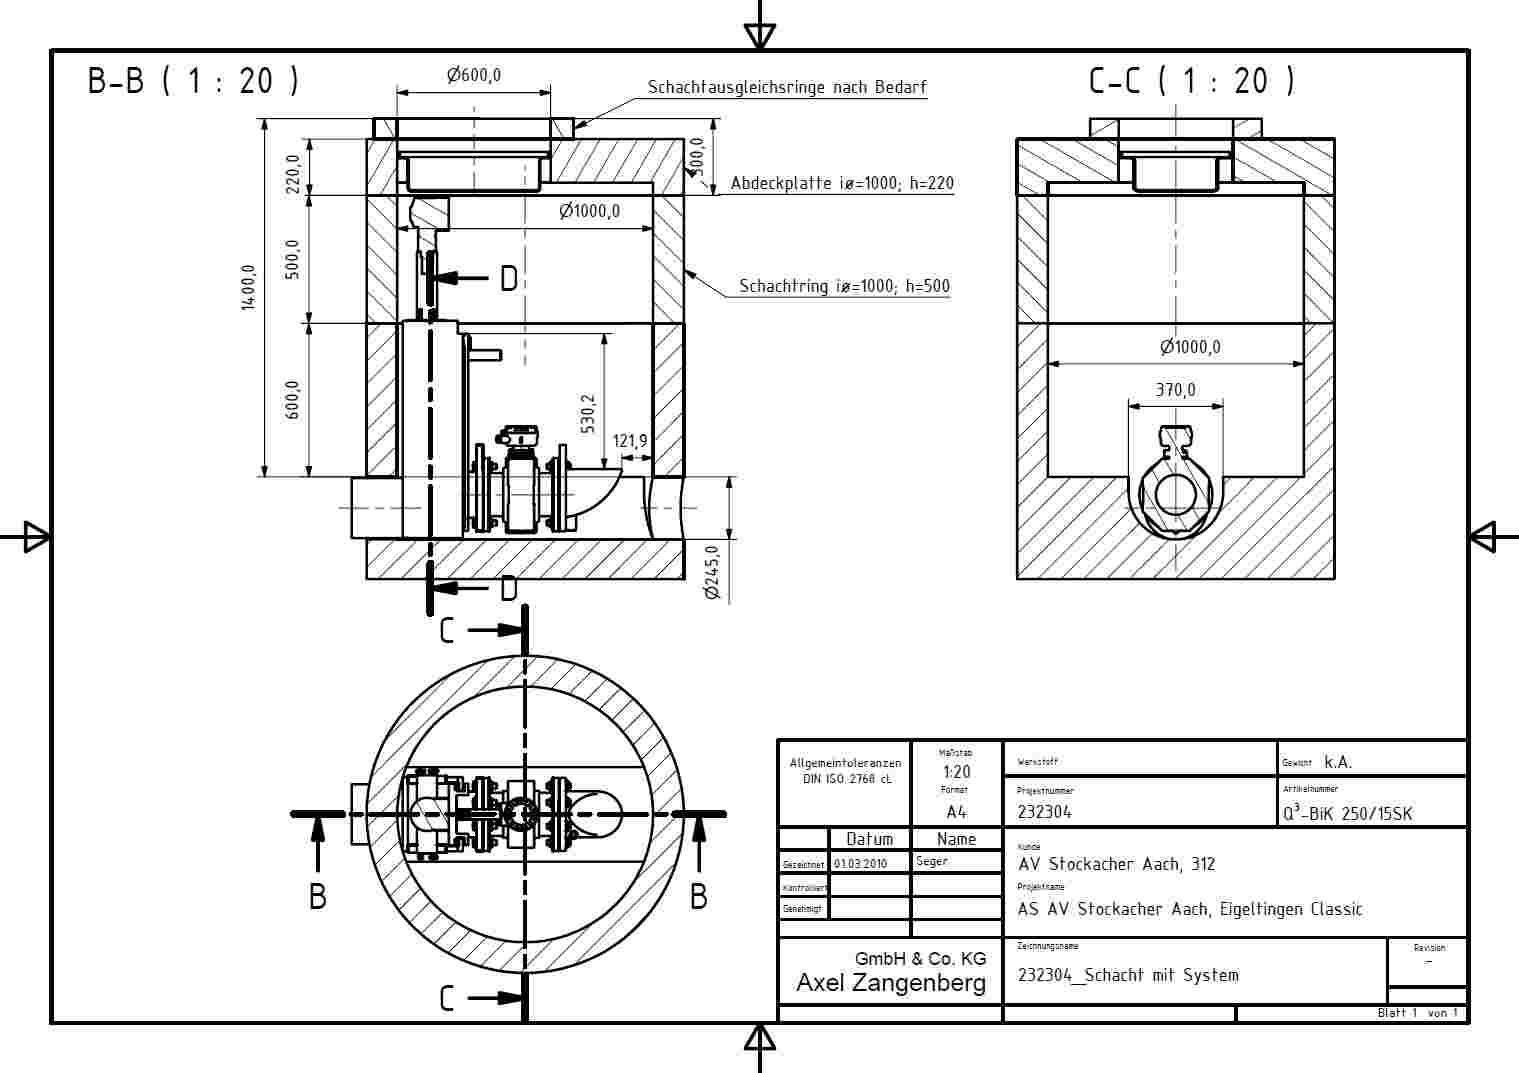 datei stockach q bik schacht mit system axel zangenberg gmbh co kg. Black Bedroom Furniture Sets. Home Design Ideas